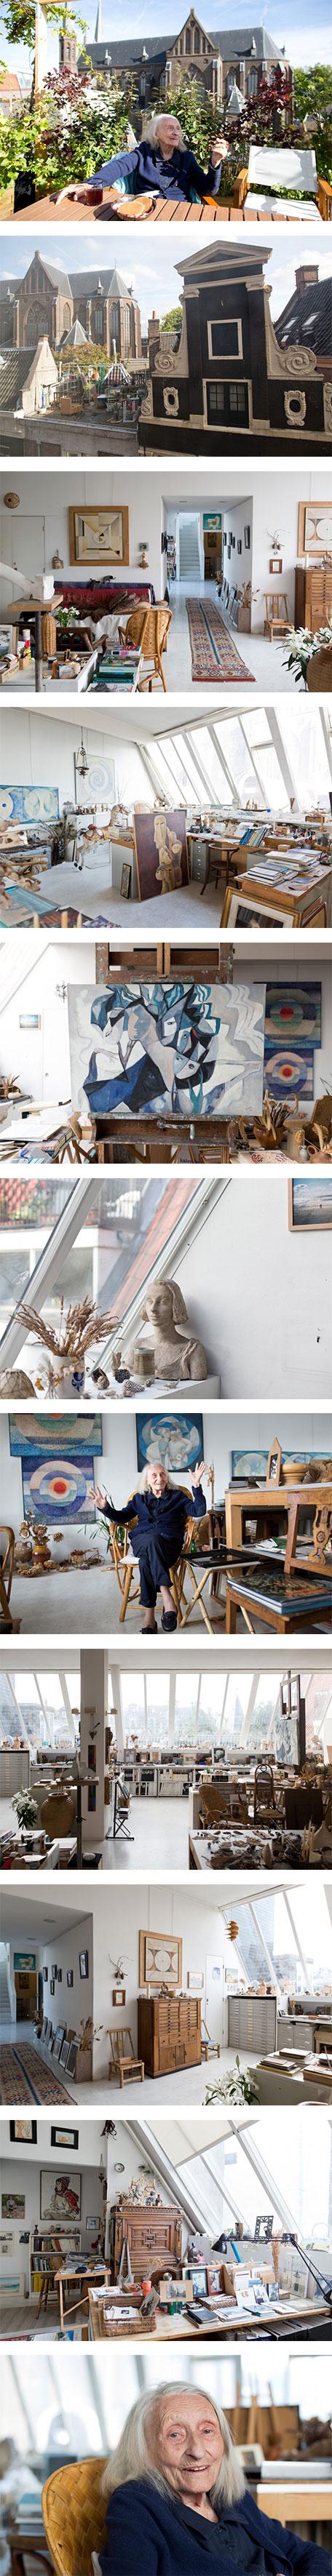 Gisèle d'Ailly van Waterschoot van der Gracht's apartment in Amsterdam on Nuji.com #freundevonfreunden #inspiration #homedecor